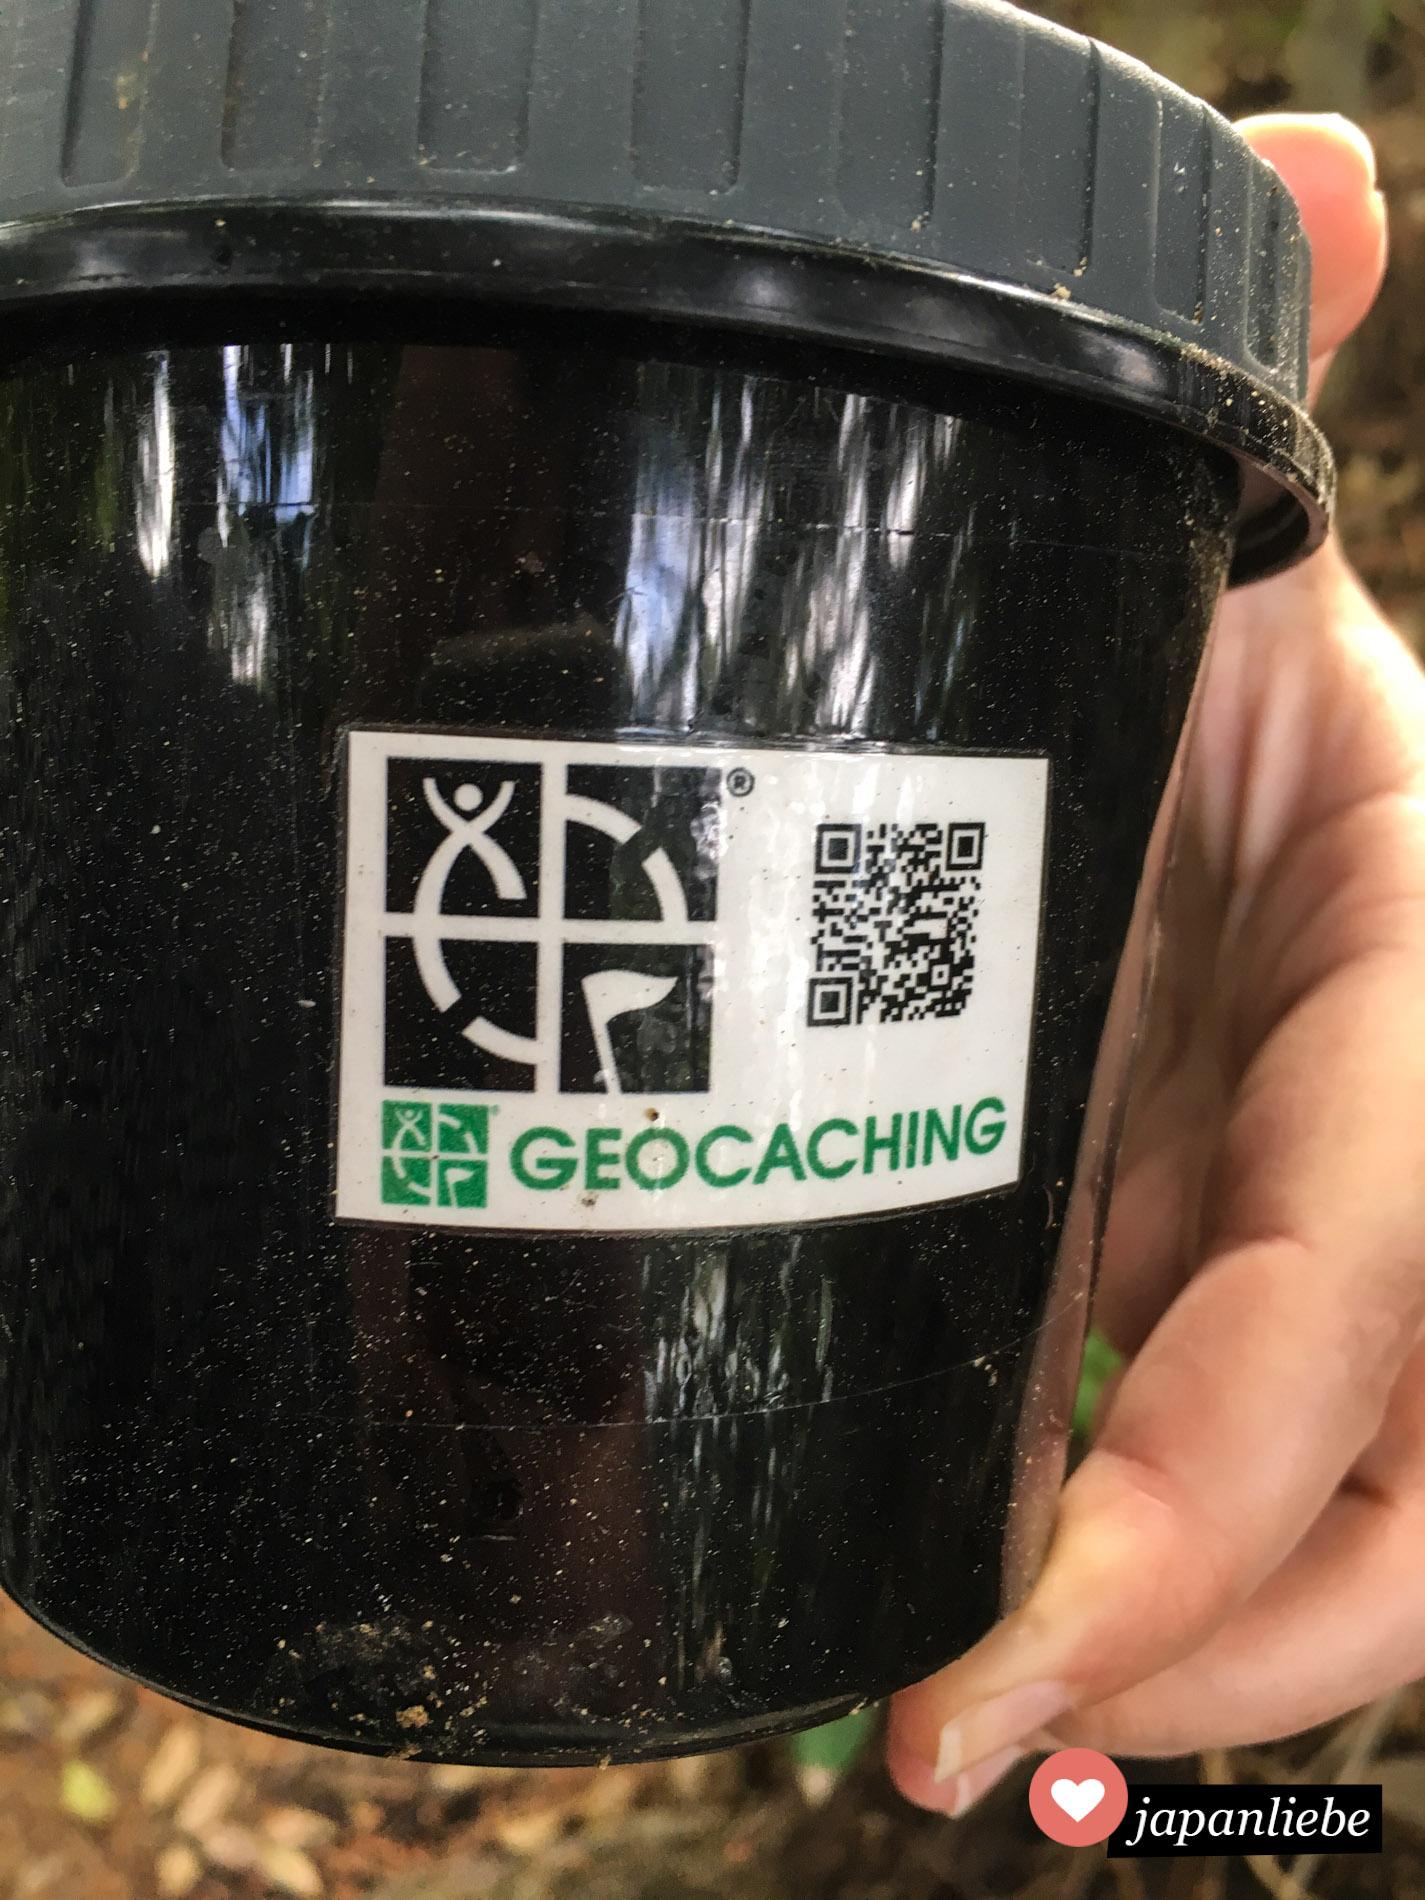 Der Geocache ist mit einem QR-Code versehen, so dass man ihn digital loggen kann.